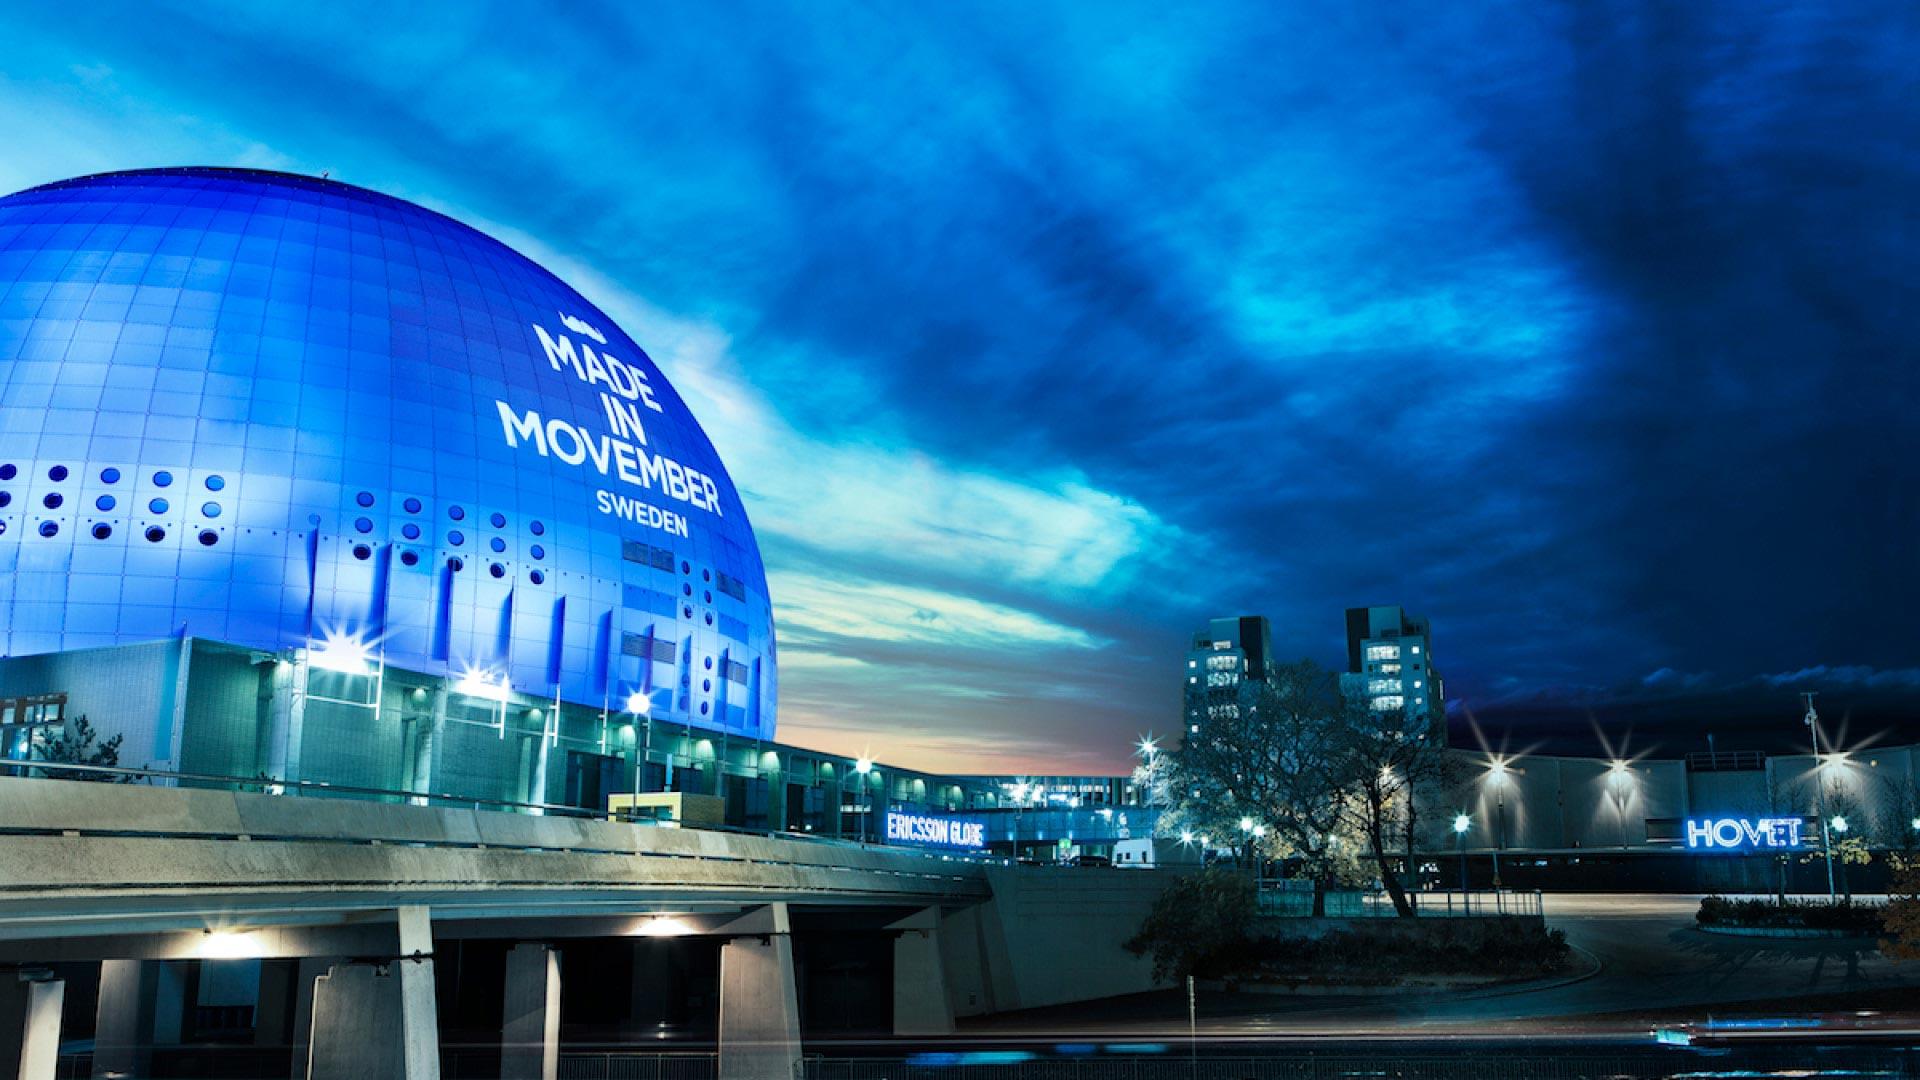 kuppel med slogan fra November kampagnen i sverige oplyst en aften med blåligt skydække og lys i gaderne